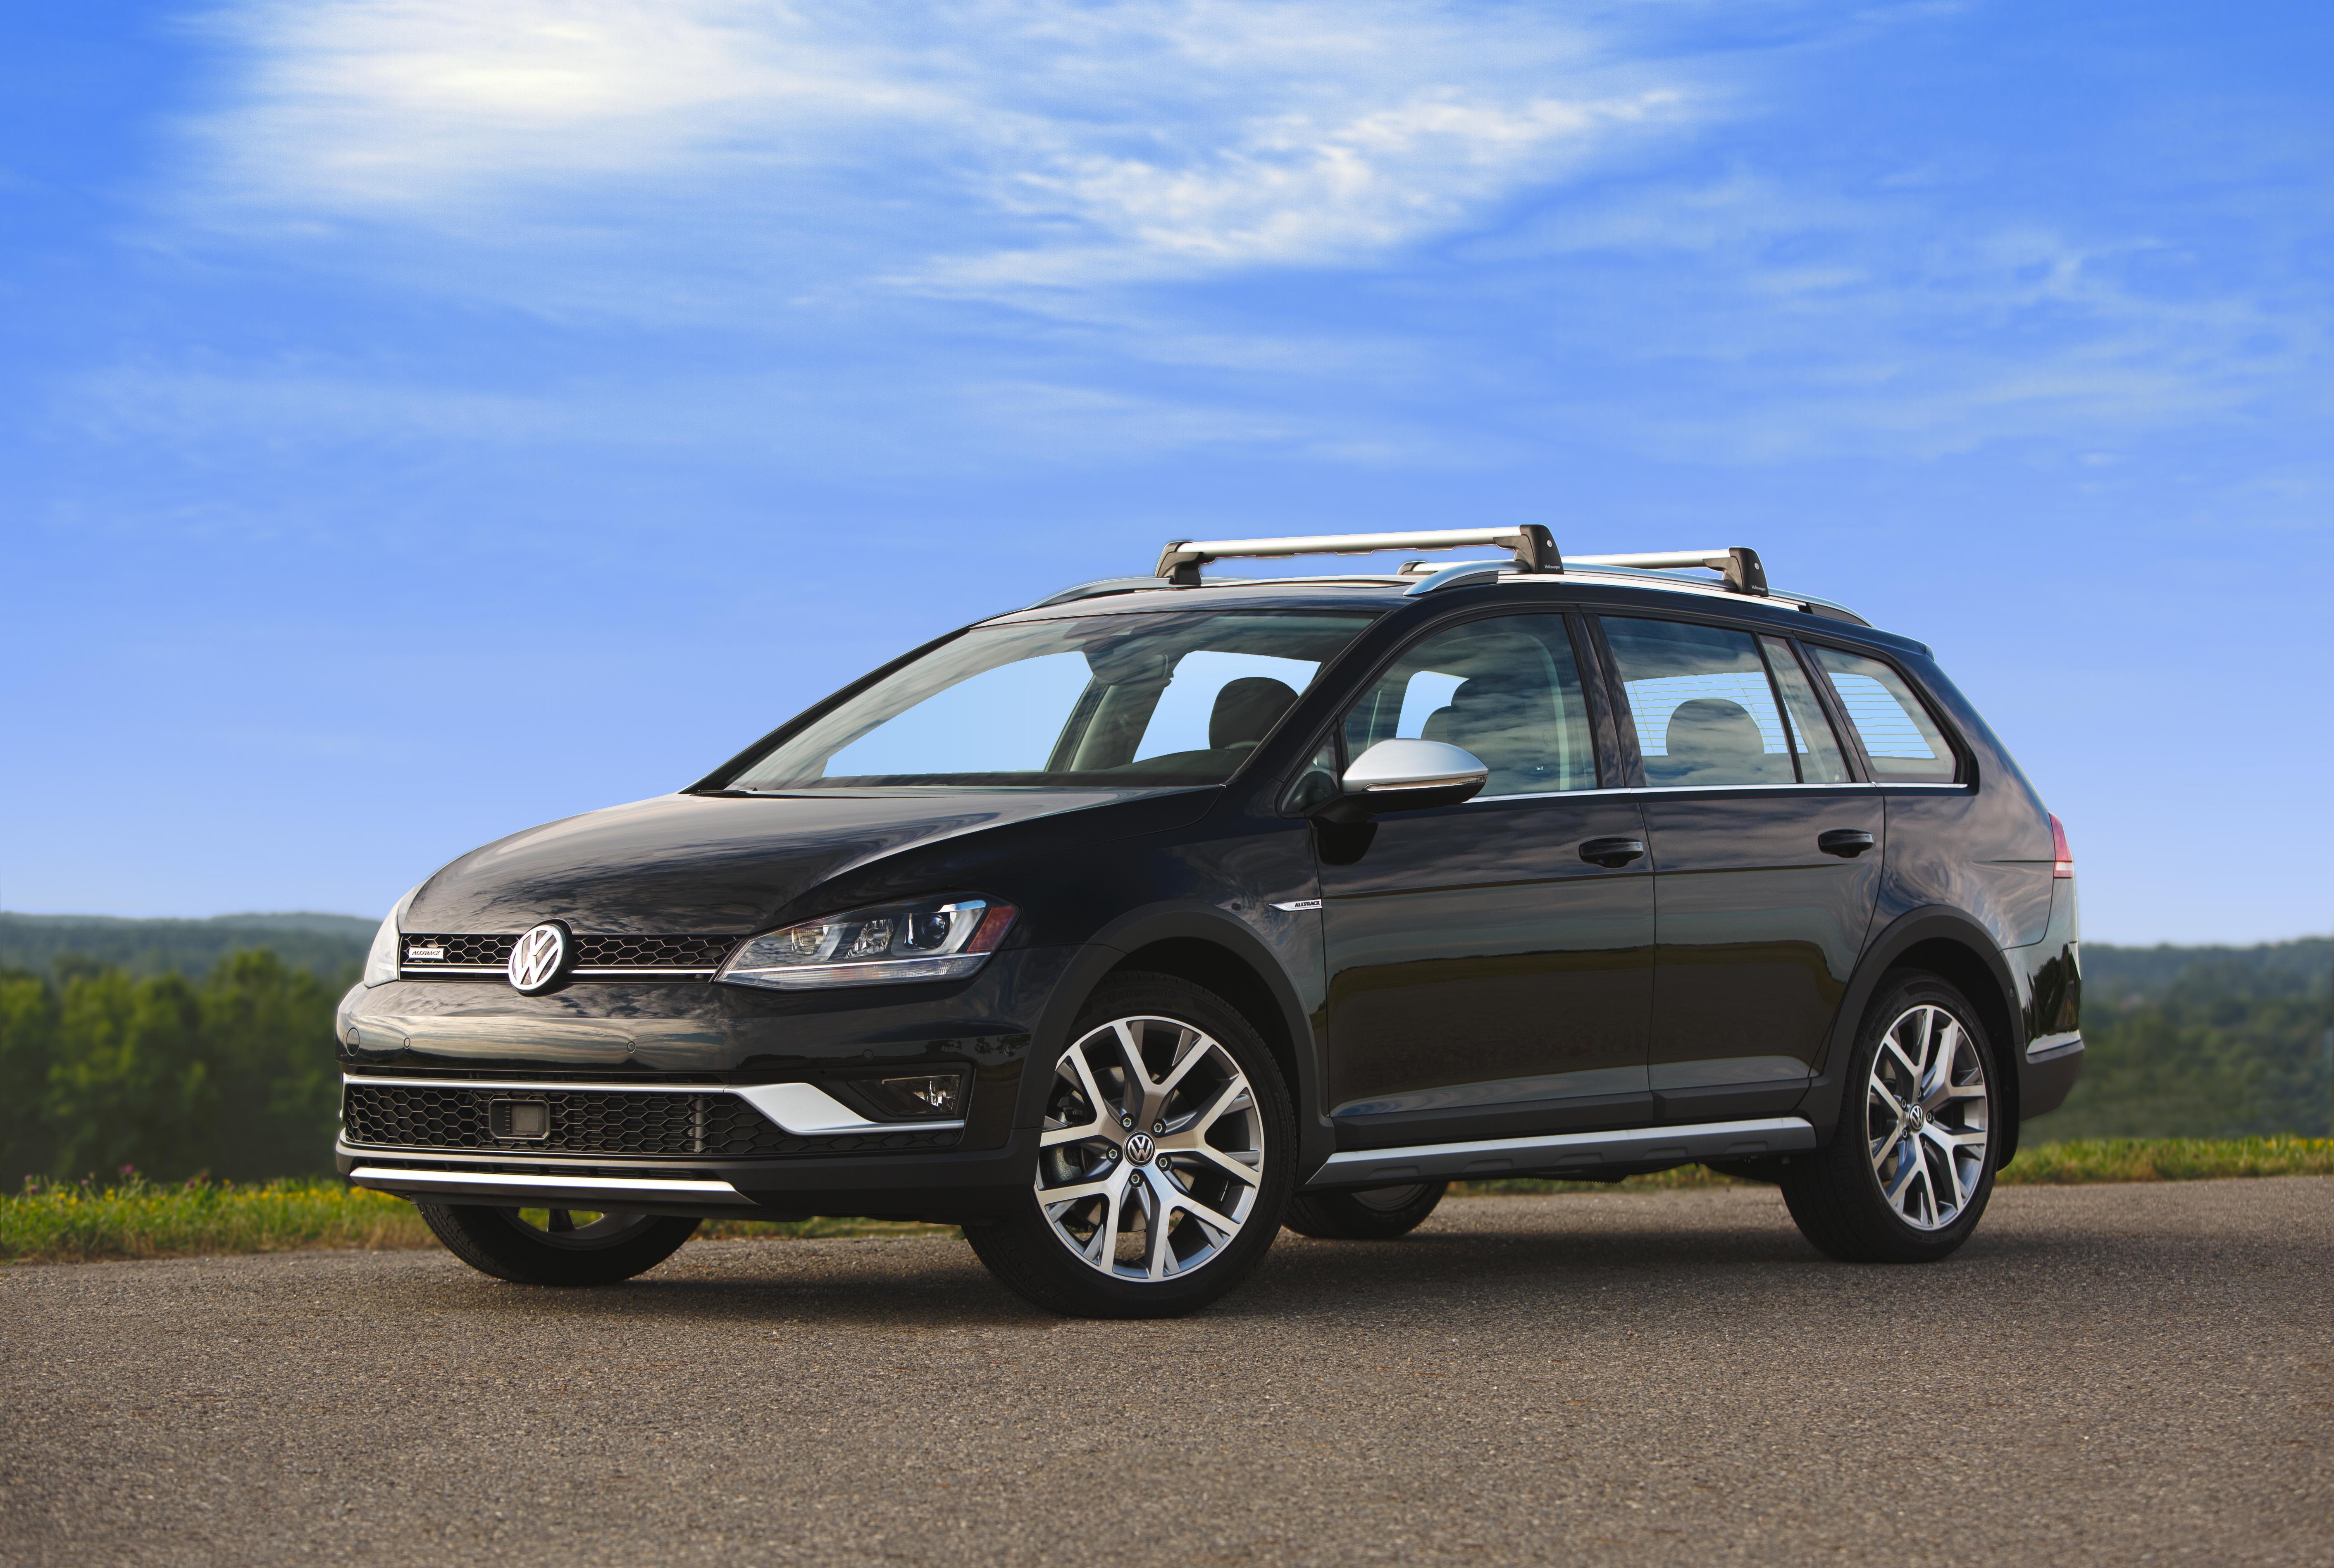 2016 Volkswagen Sportwagen Base Carrier Bars Roof Rack